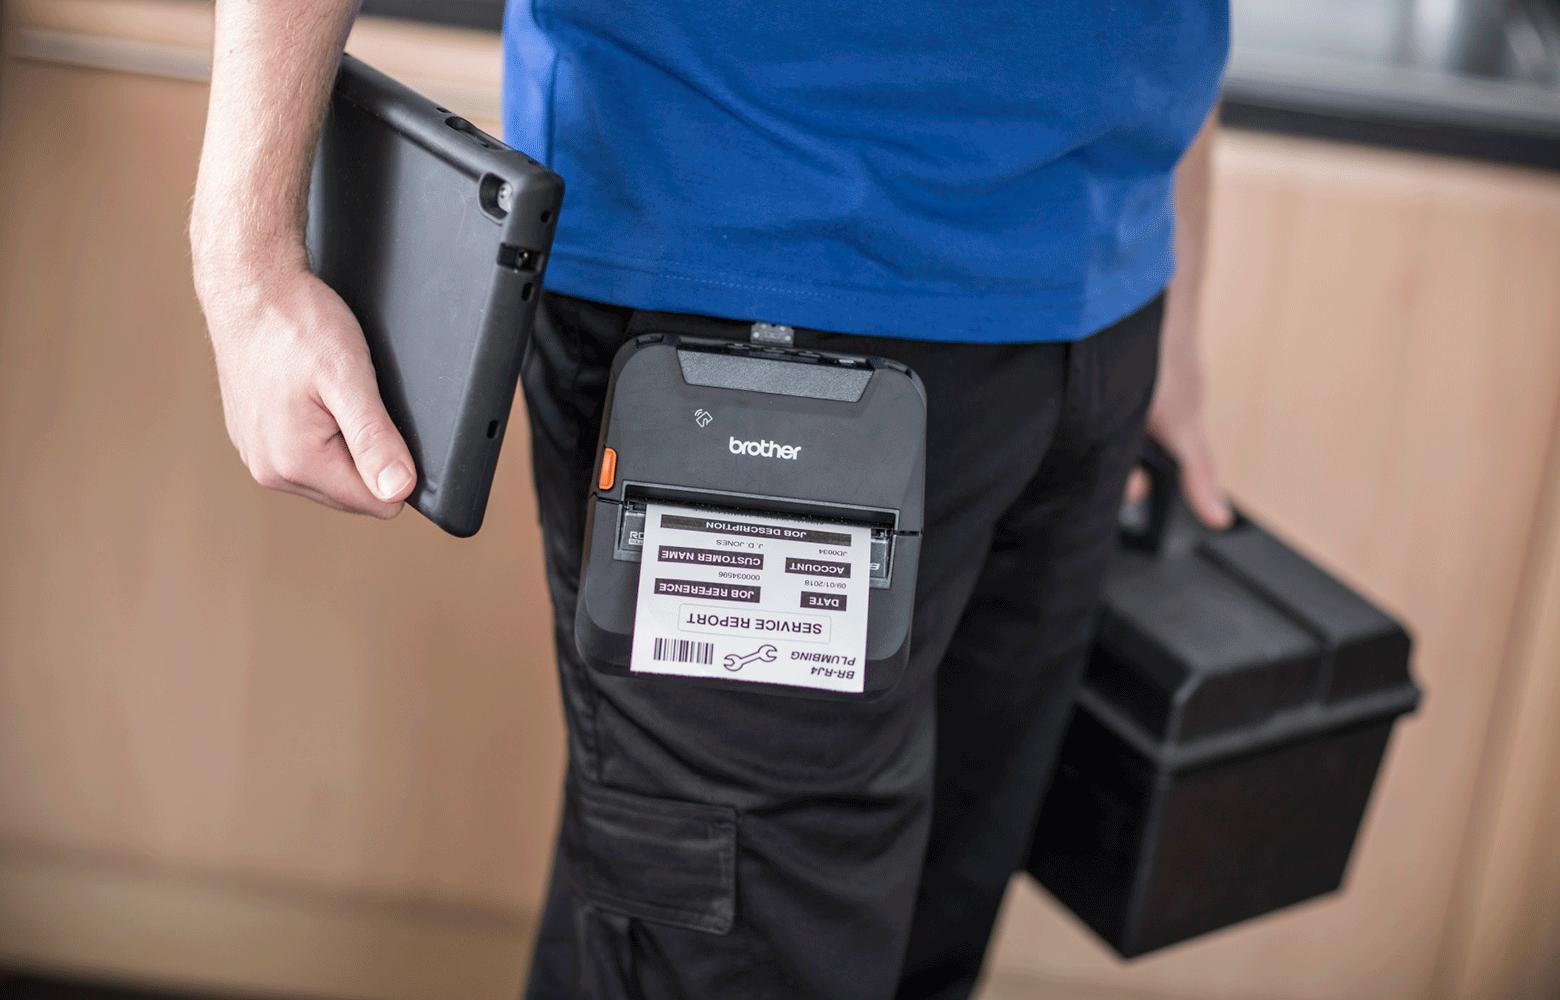 Pracovník v modrém tričku s tiskárnou RJ na opasku drží krabici s nářadím a tablet